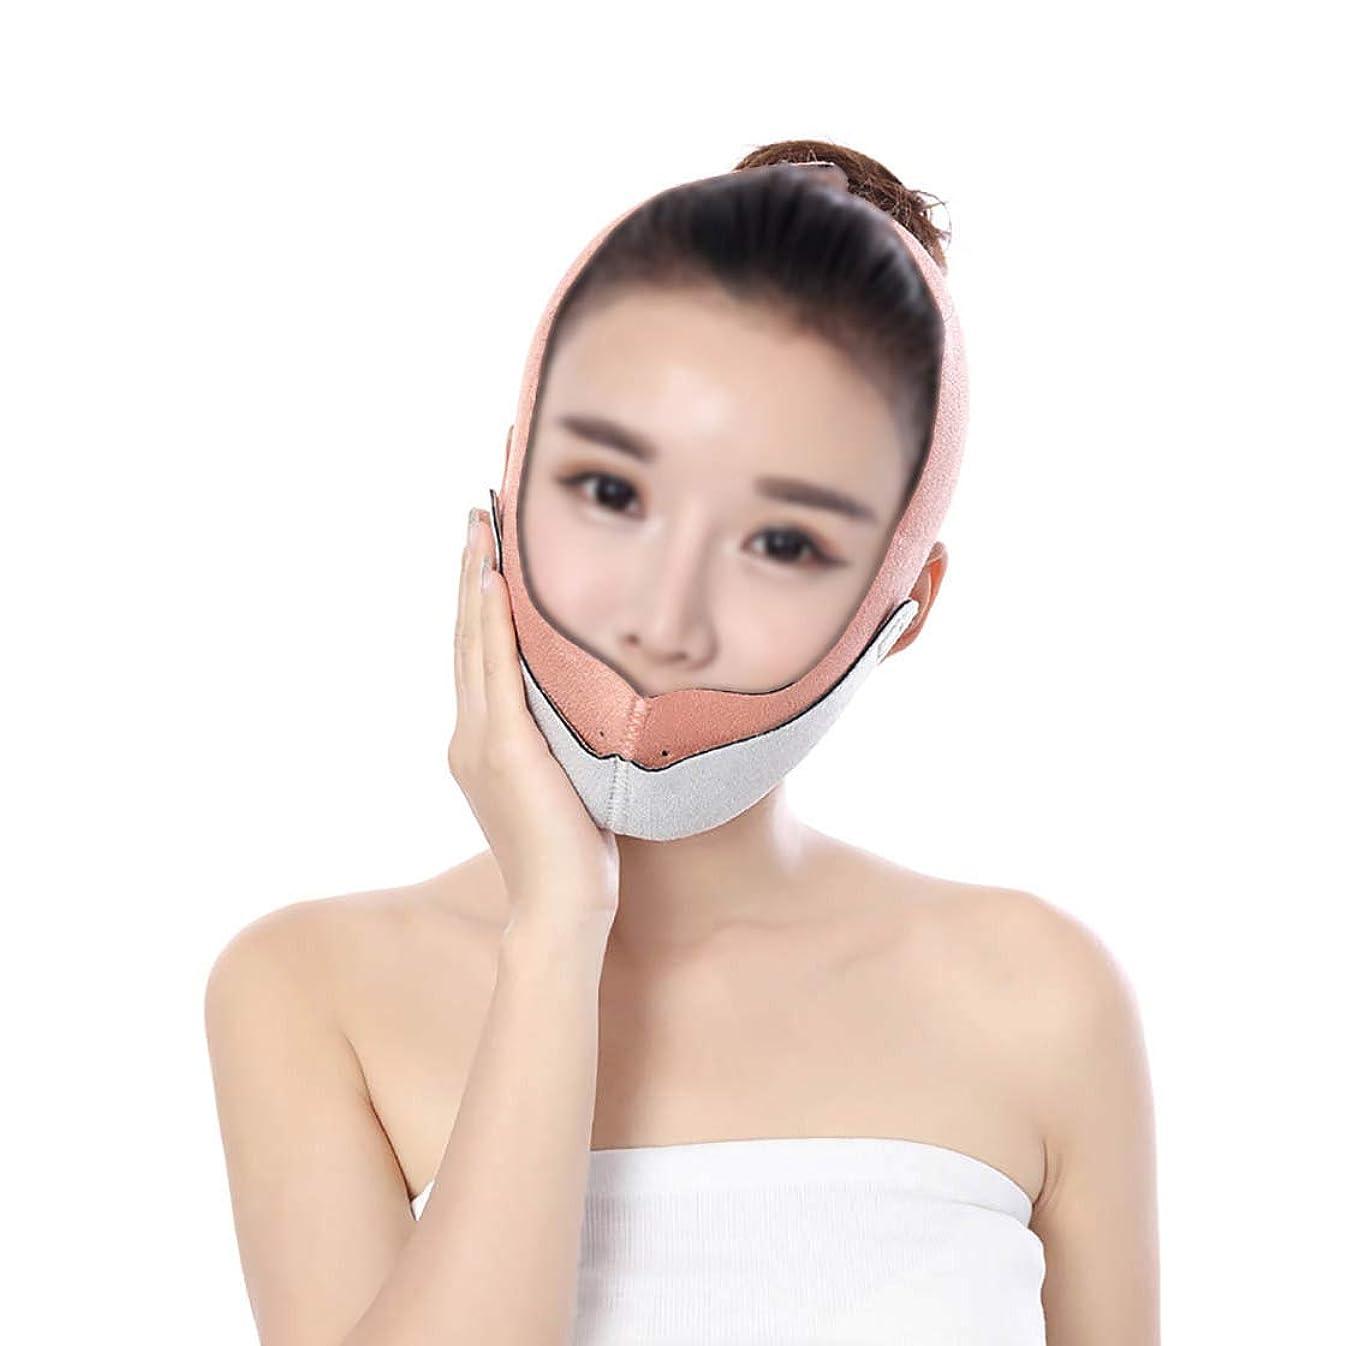 代表する泣く郵便番号TLMY ファーミングマスク薄い顔アーティファクト補正フェイスリフティングアンチたるみ包帯美容マスクマスクVフェイスクロスツール 顔用整形マスク